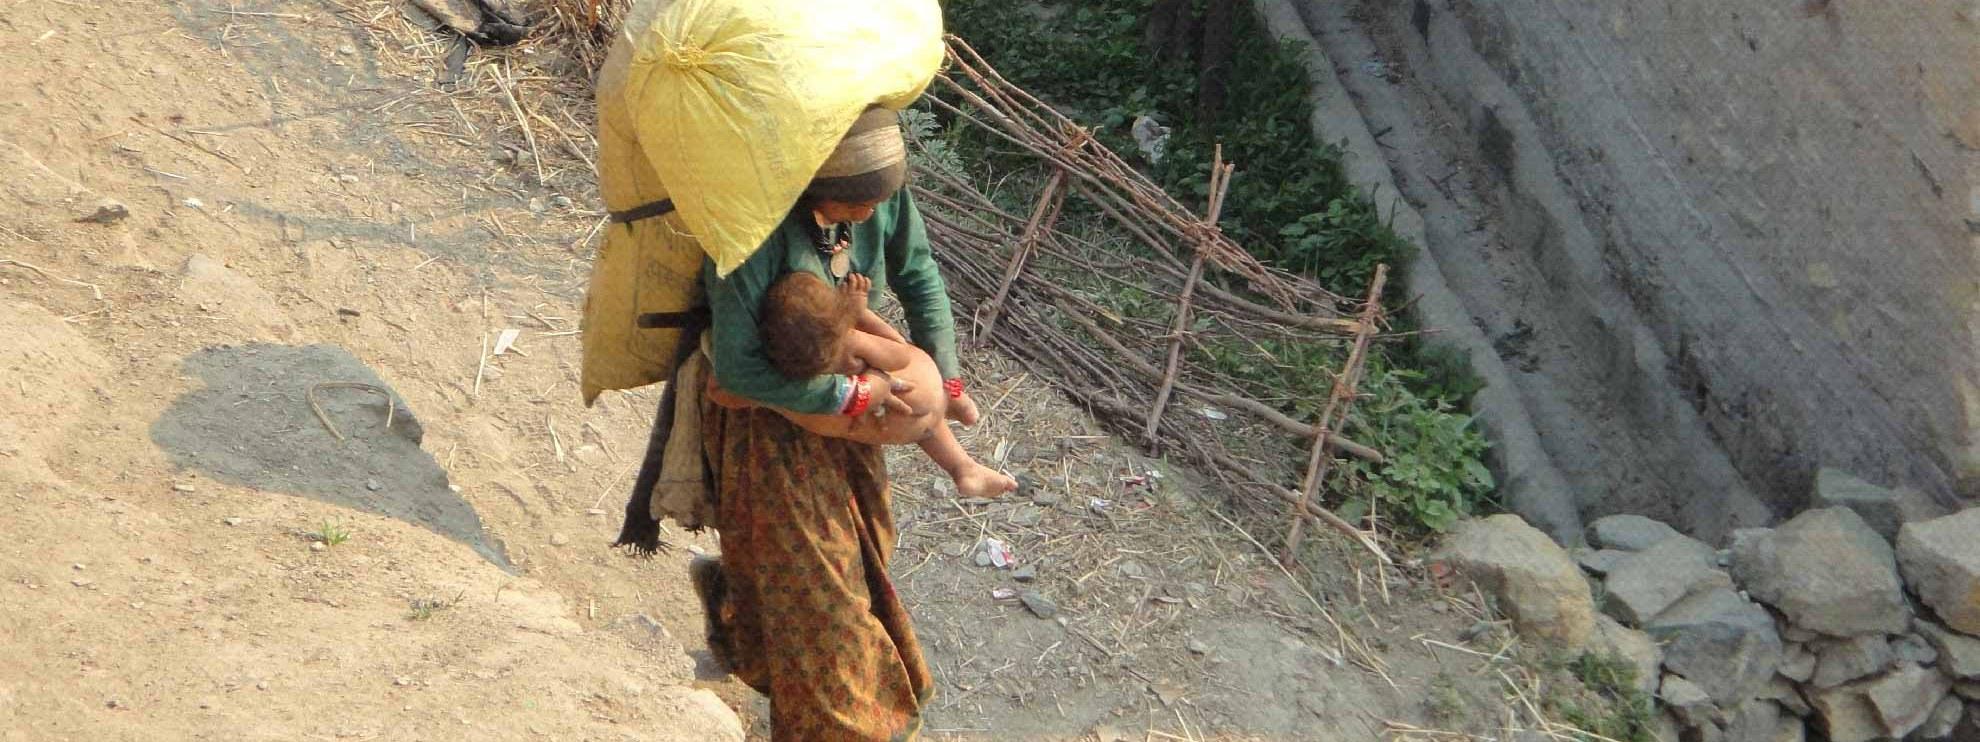 Eine Frau trägt schwere Lasten und ein Kind im Mugu District, Nepal 2013 © Amnesty International